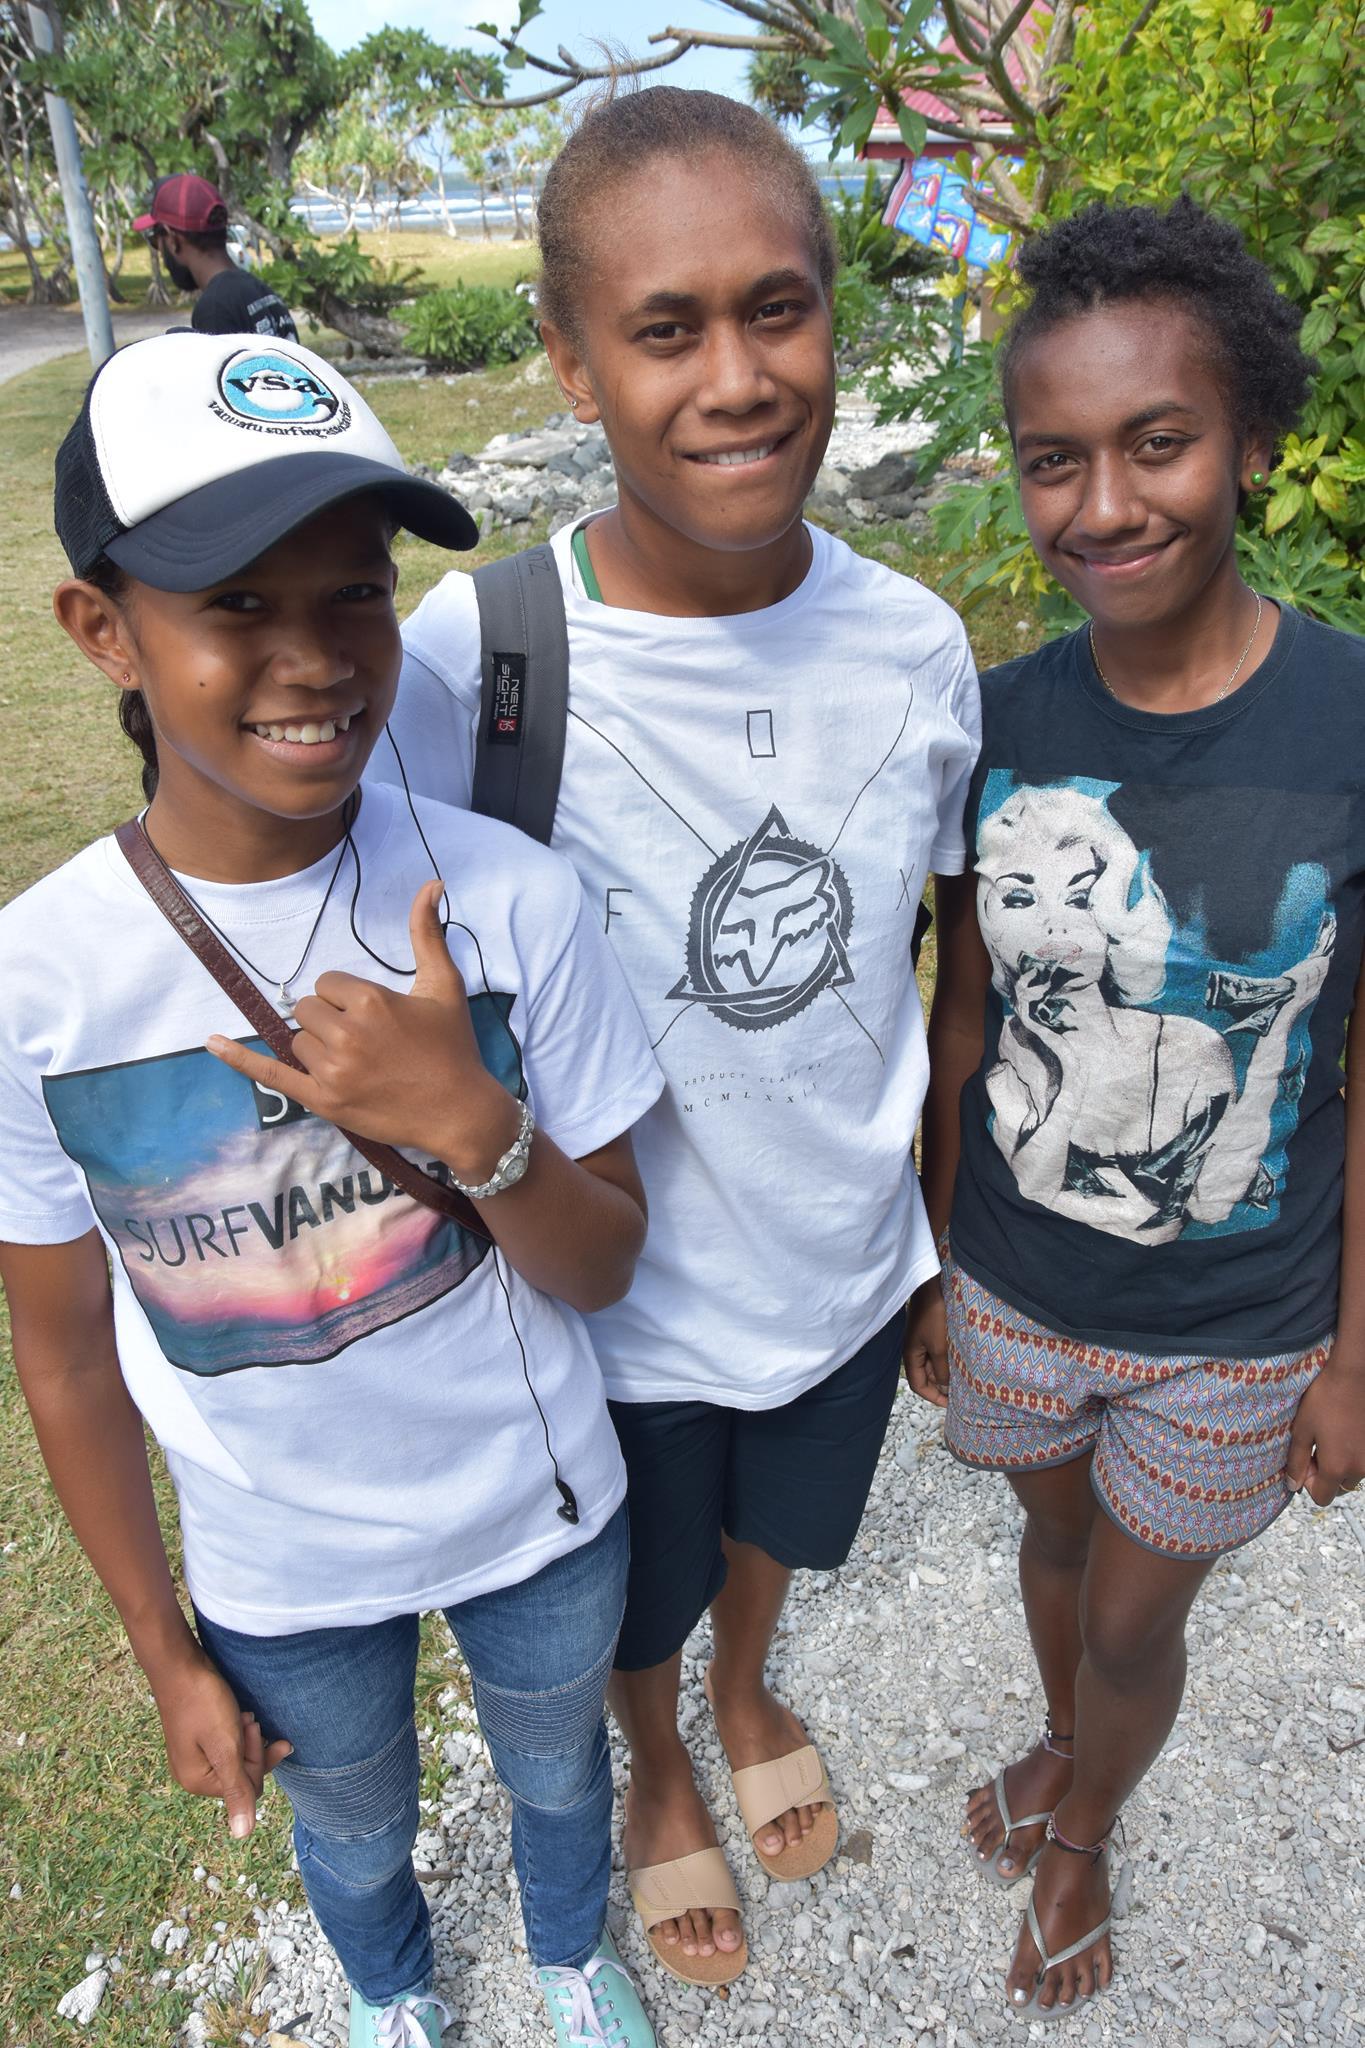 surfer girls in vanuatu